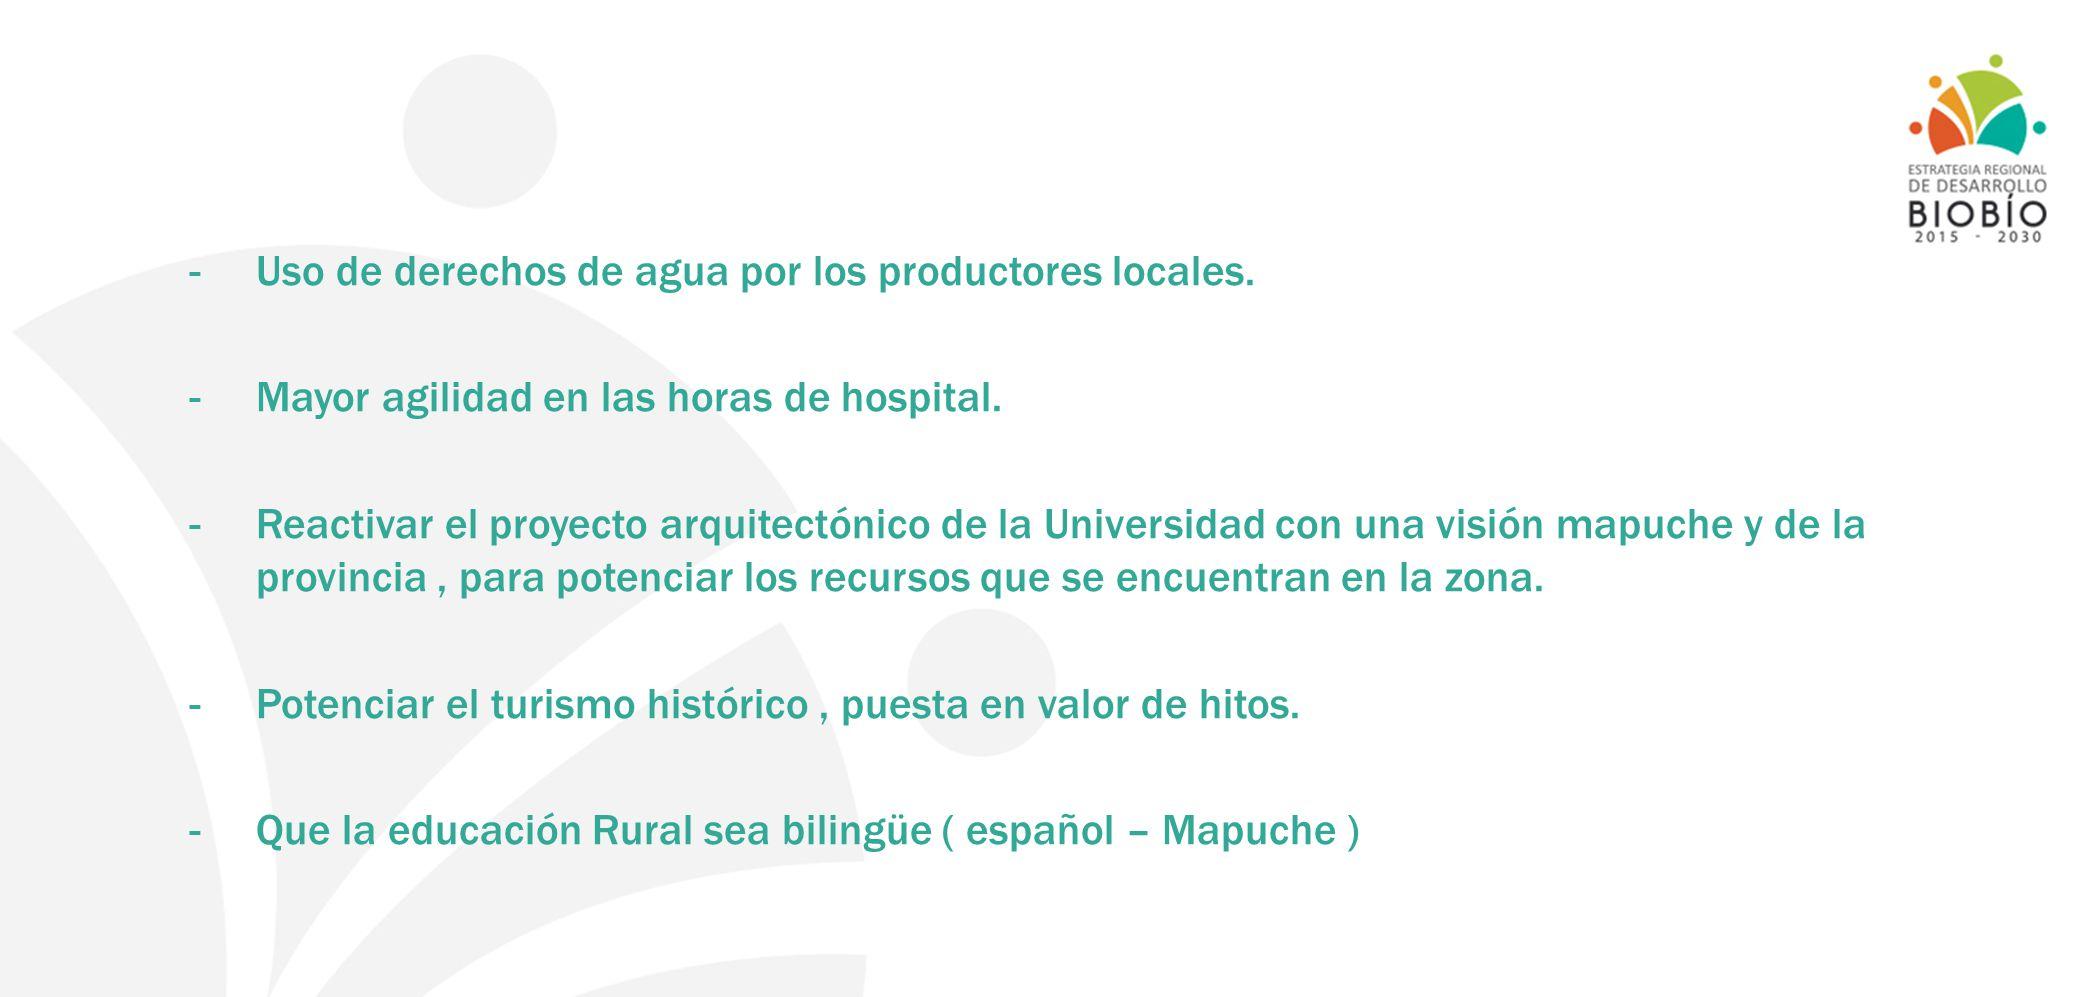 - Uso de derechos de agua por los productores locales. -Mayor agilidad en las horas de hospital. -Reactivar el proyecto arquitectónico de la Universid